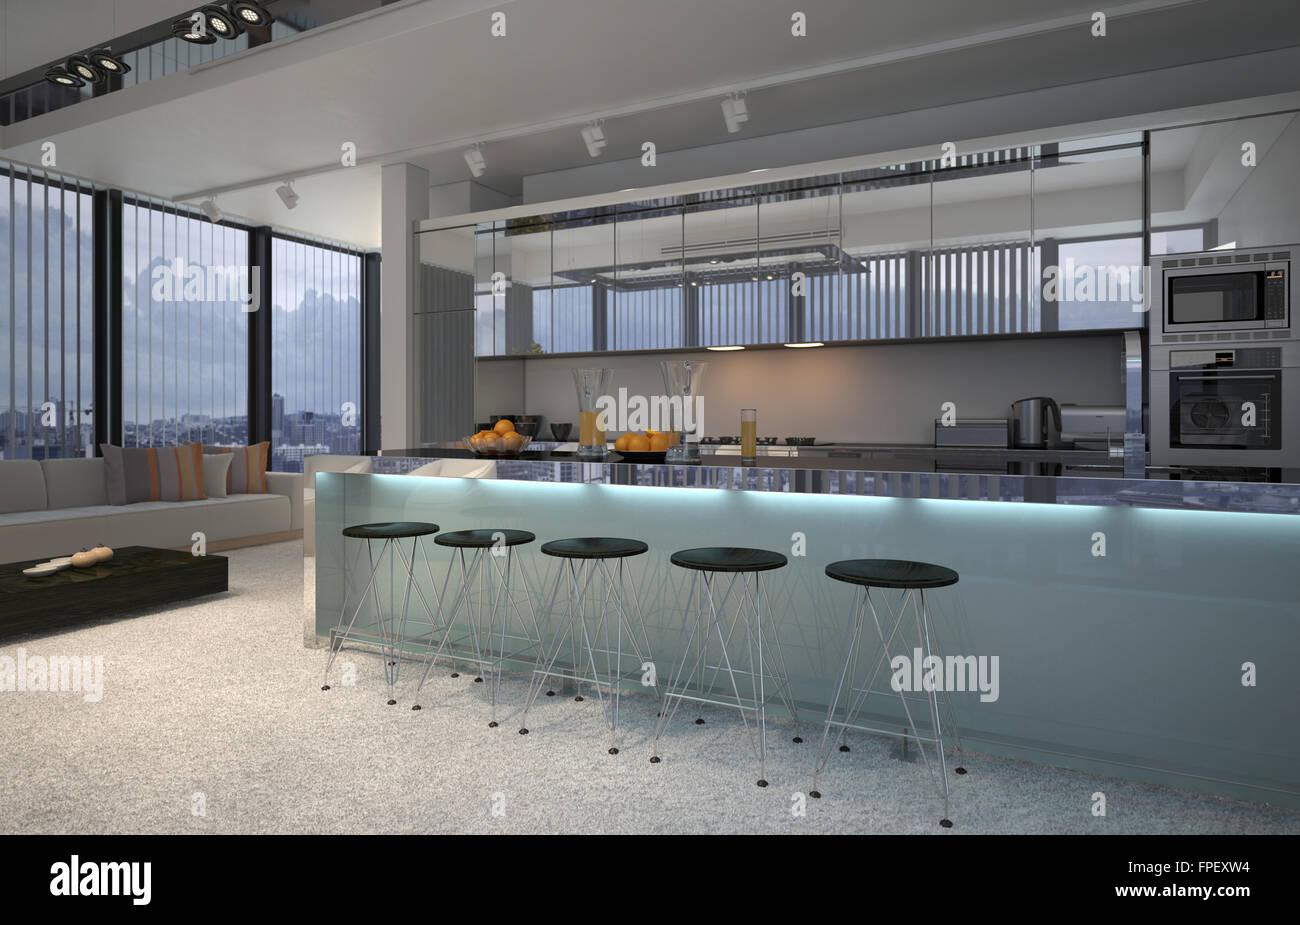 Spaziosa cucina a pianta aperta interno con un lungo bancone bar e